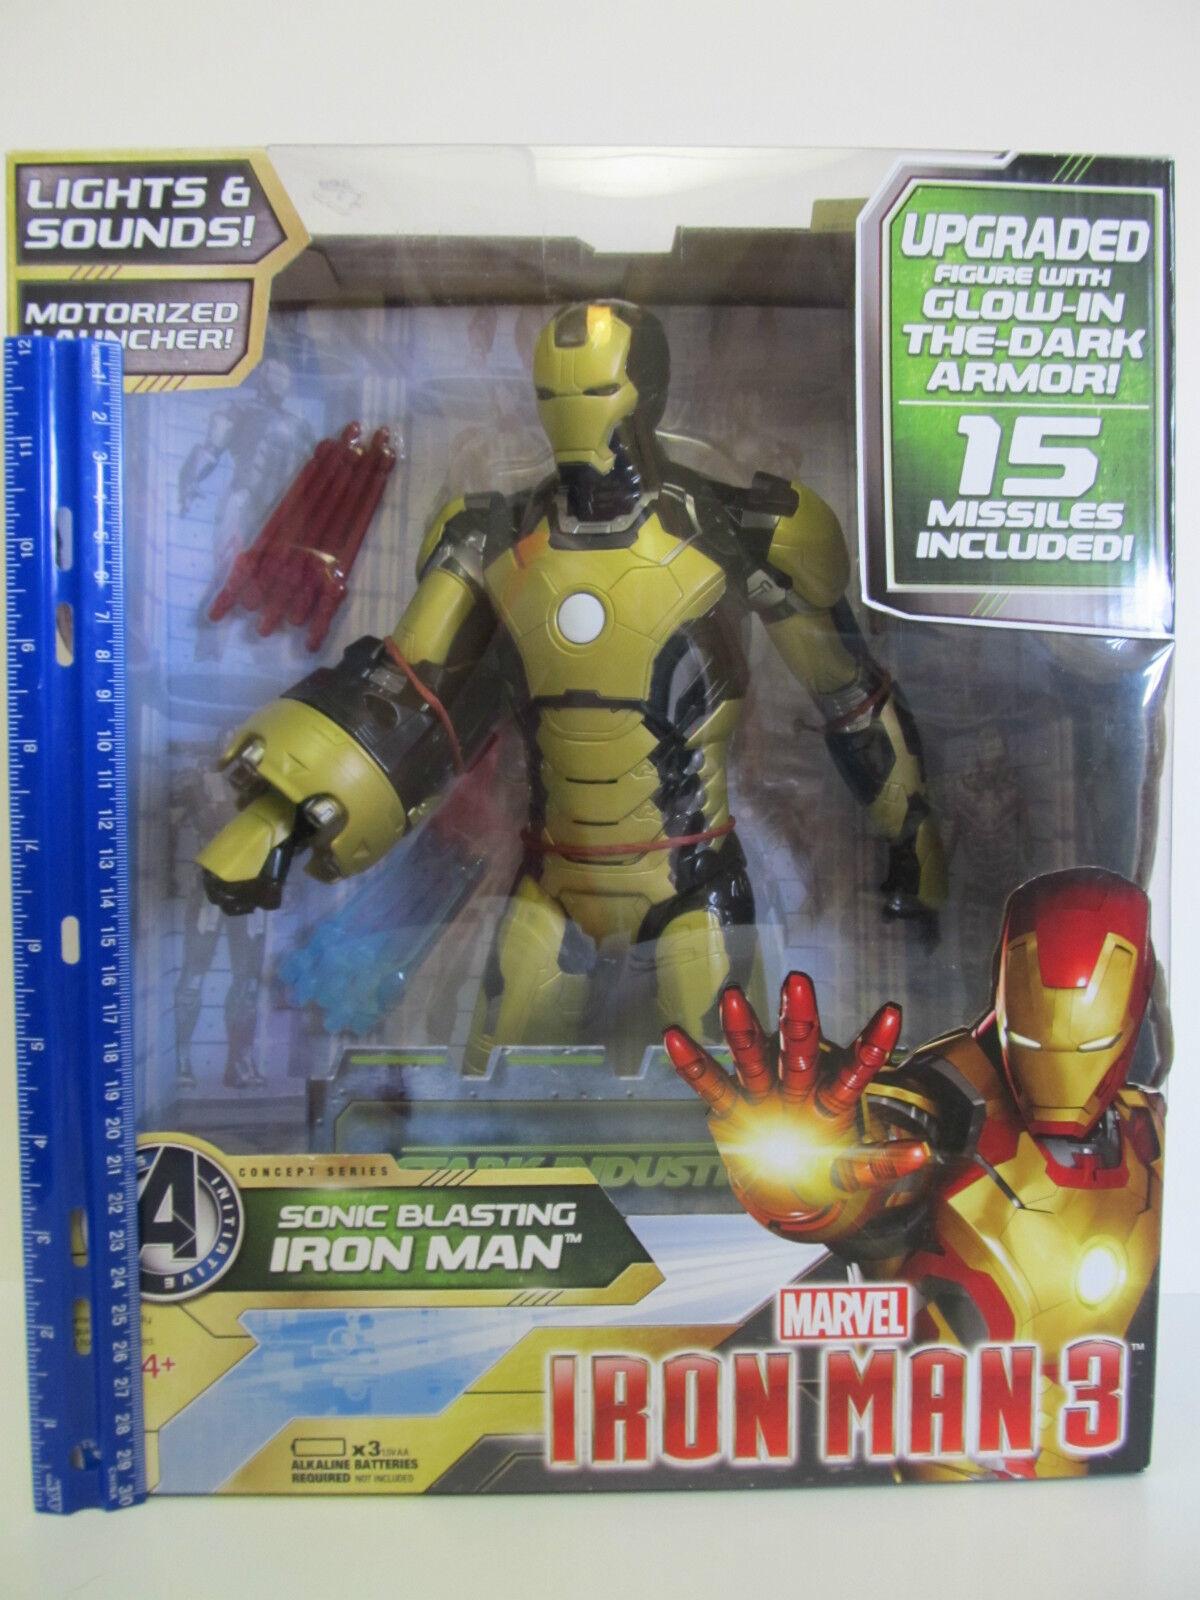 Marvel - iron man 3 hochgestuft bei action - figur im dunkeln leuchten.